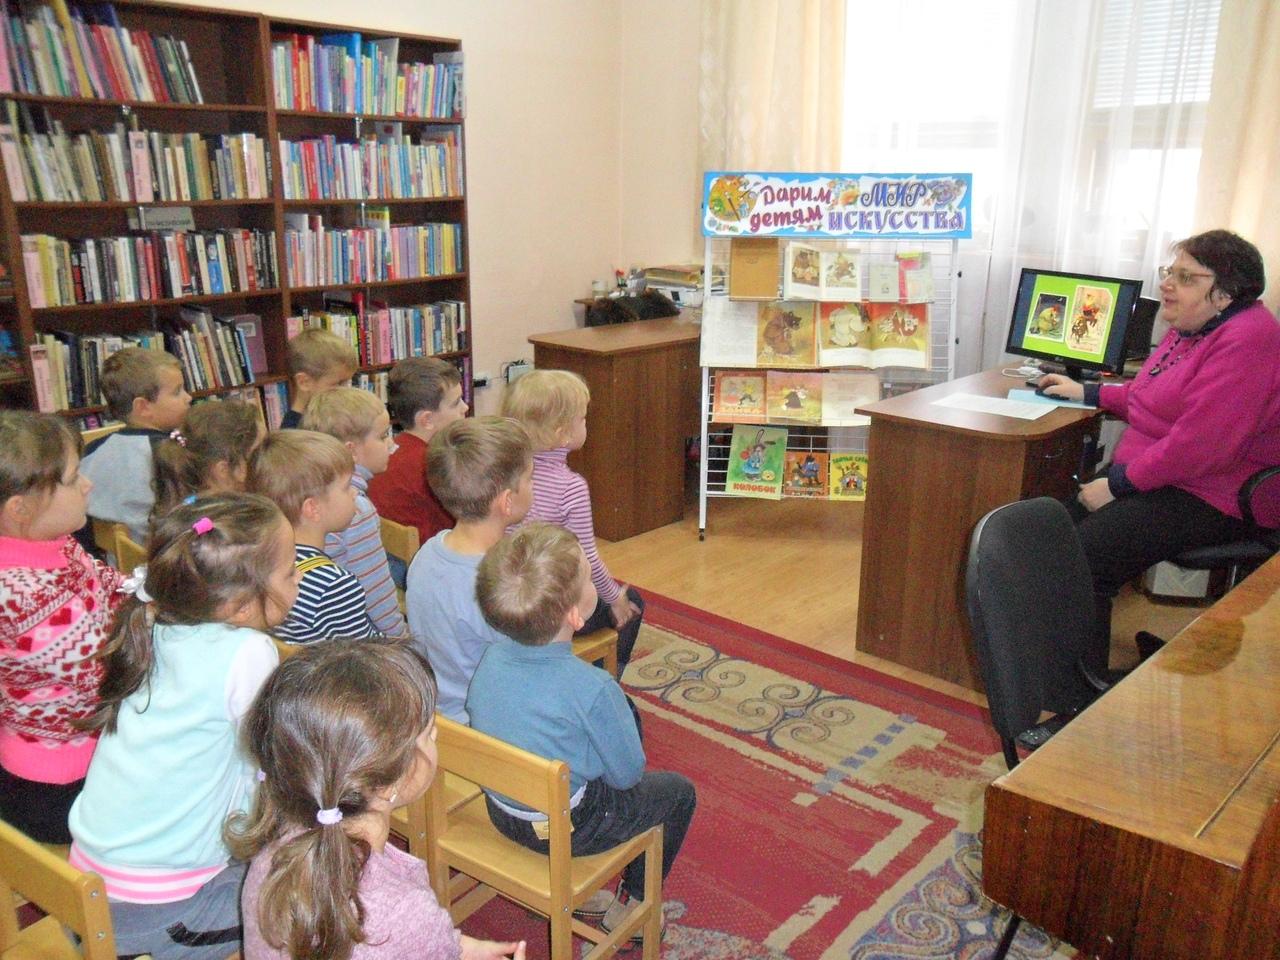 донецкая республиканская библиотека для детей, с библиотекой интересно, отдел искусств, евгений рачев, художник иллюстратор